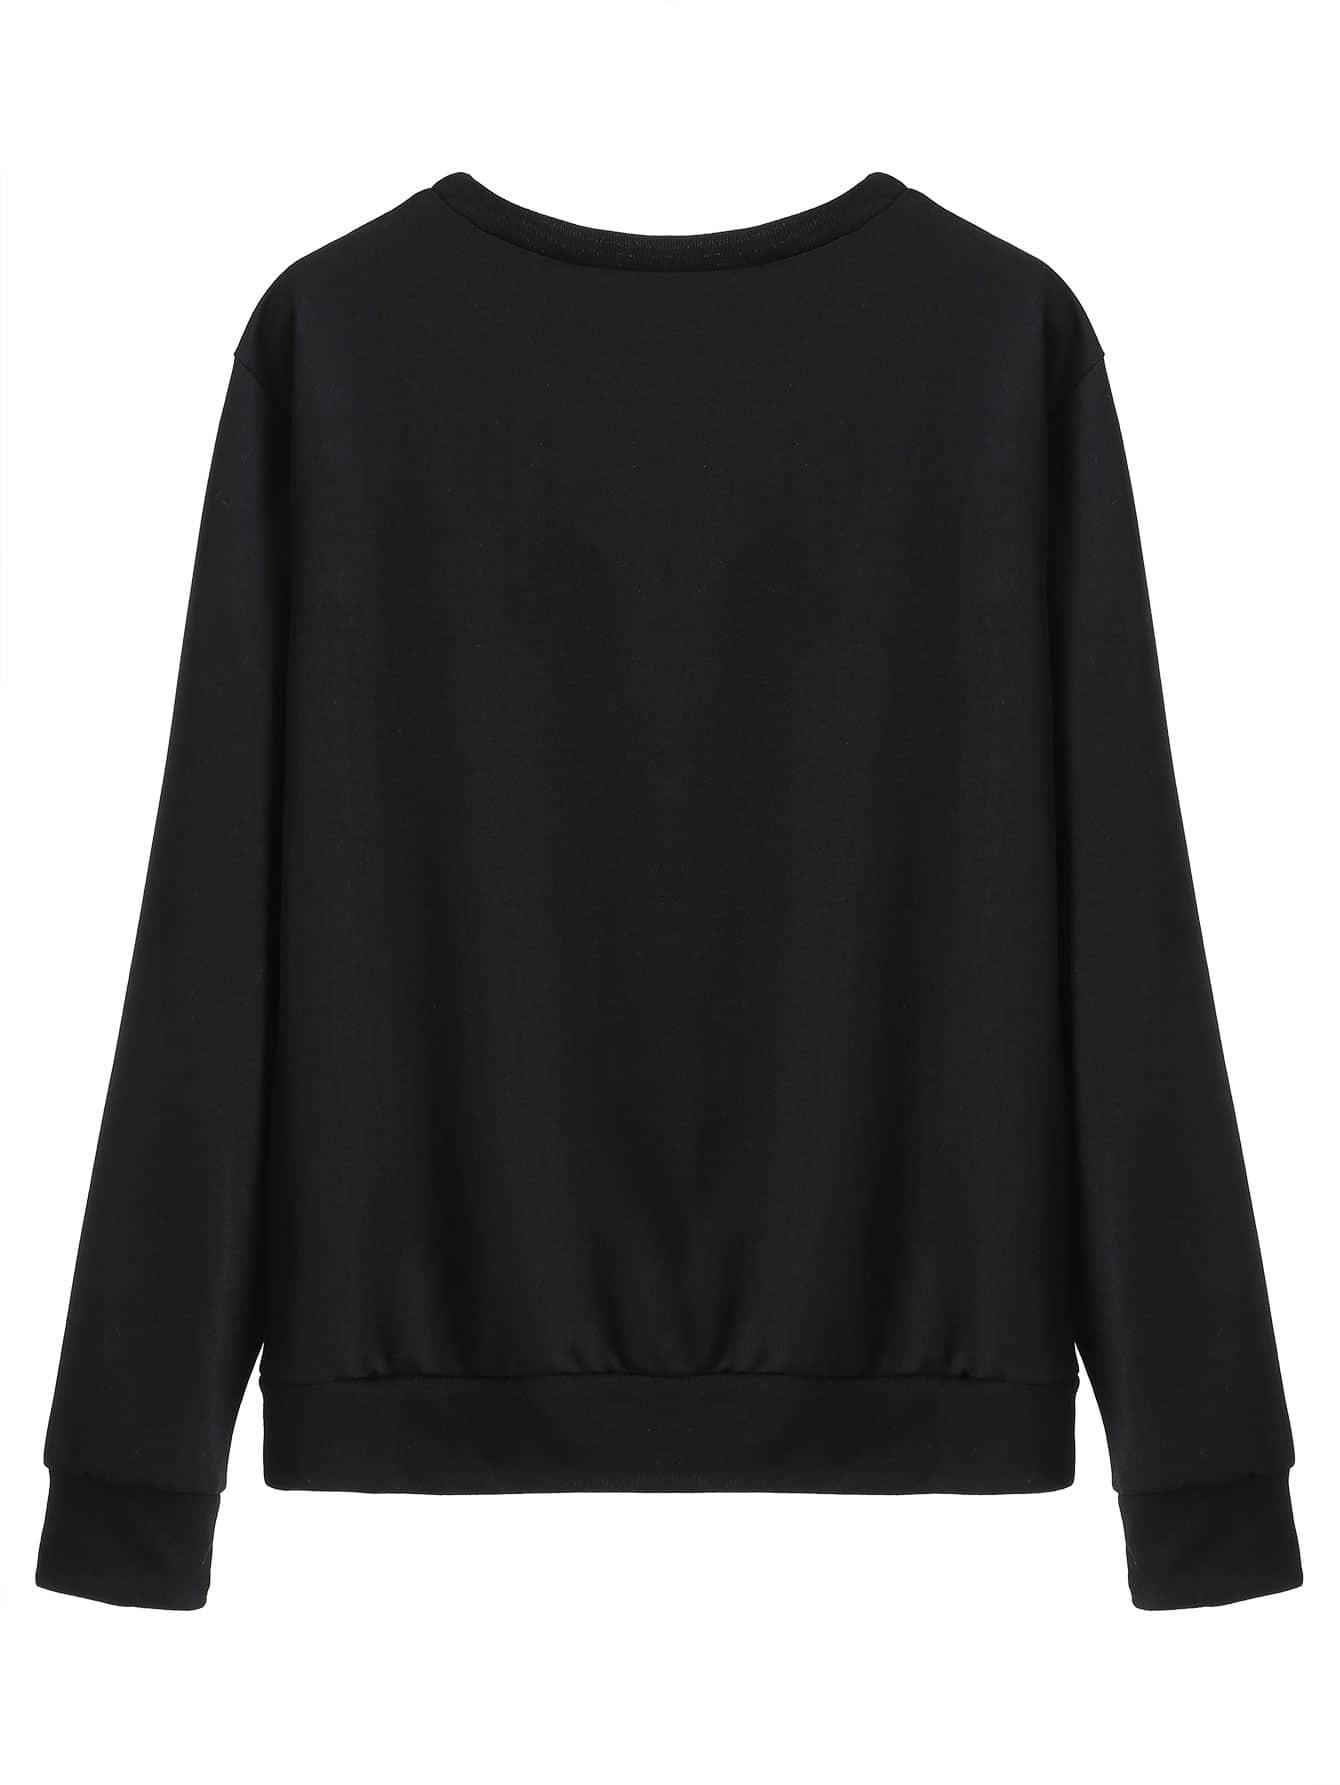 sweatshirt160826122_2